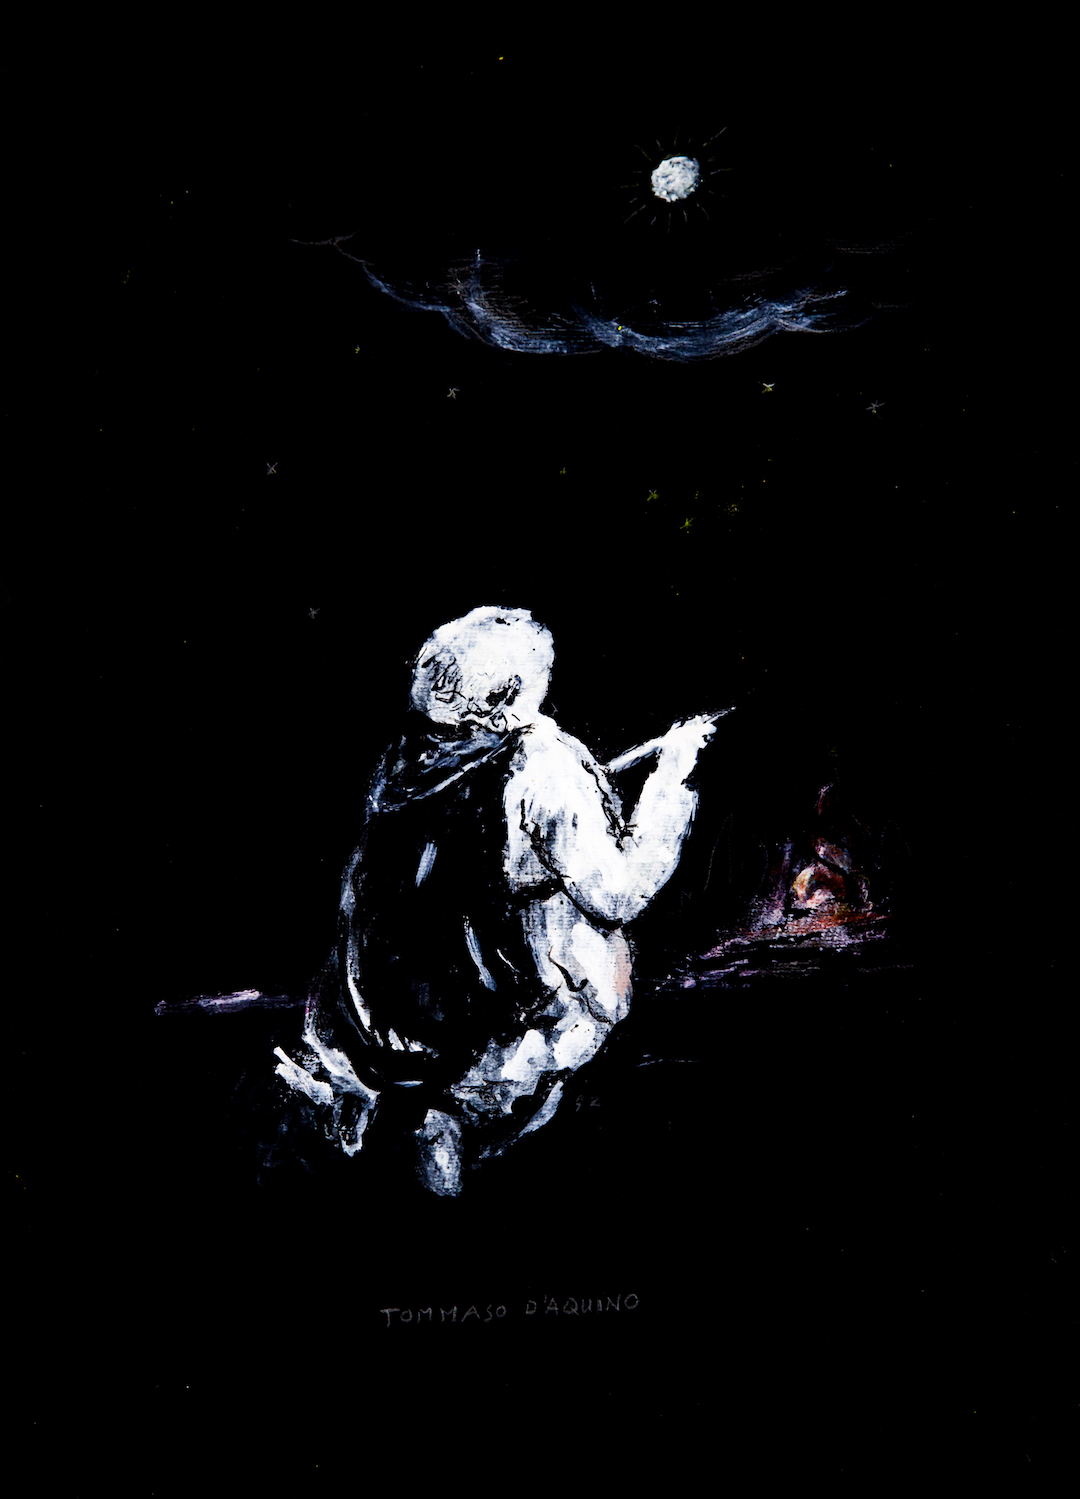 Tommaso d'Aquino in contemplazione